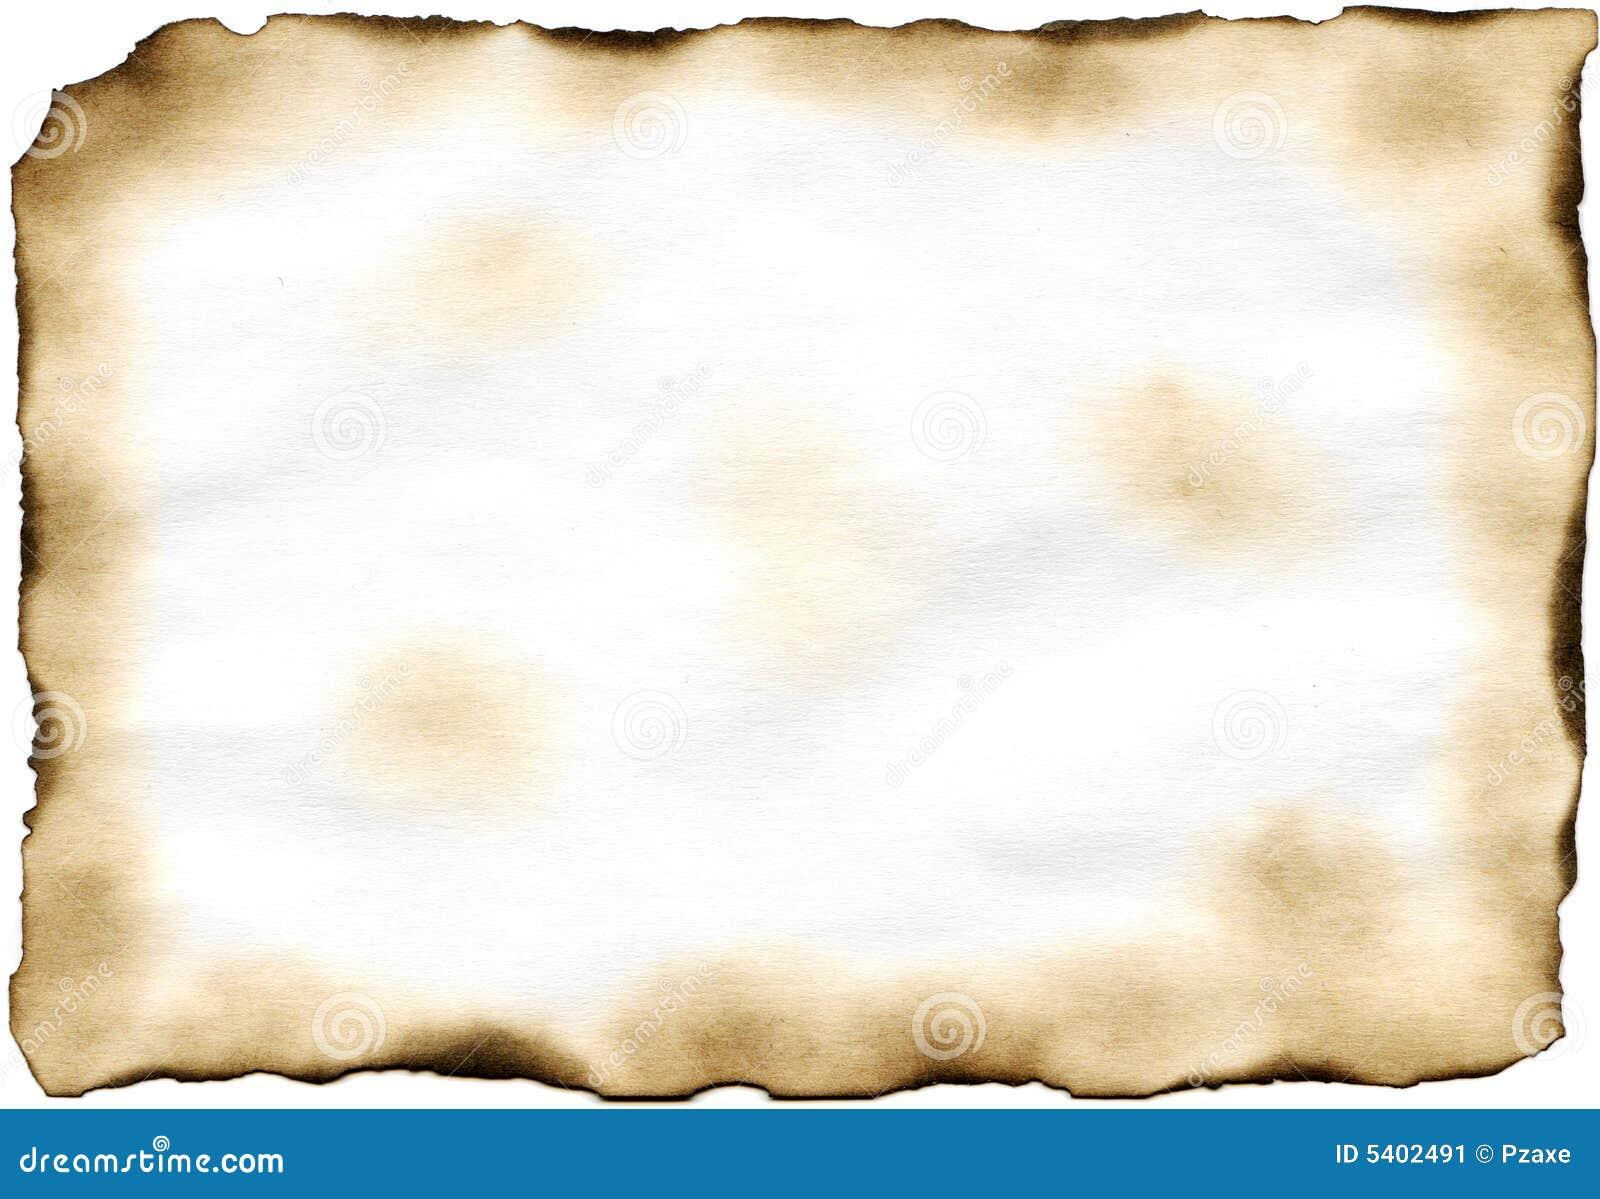 инструкция пошаговые рамки на фото как обгорелая бумага ради, совмещать